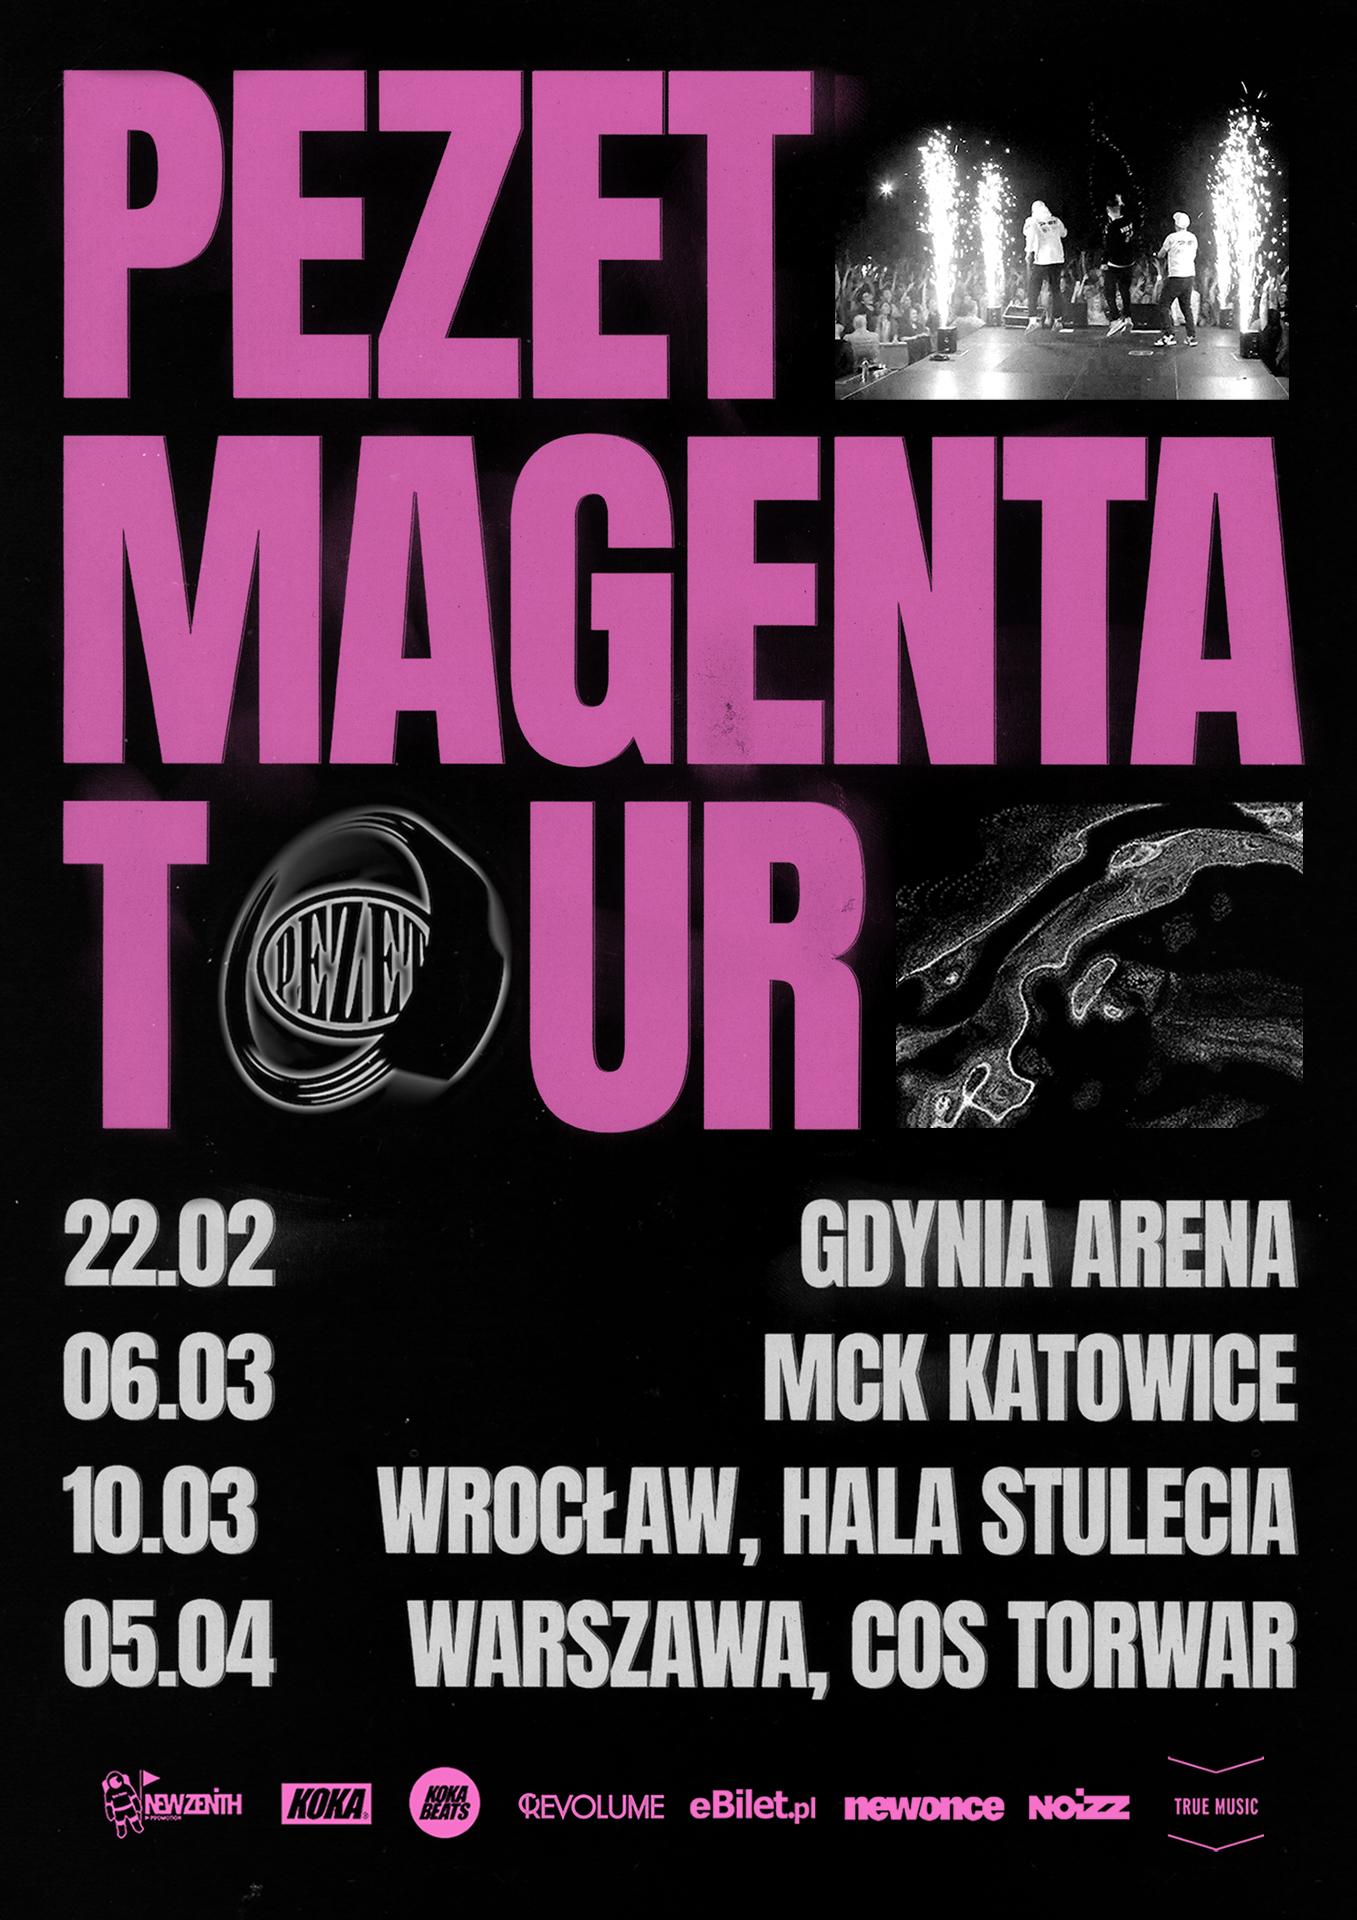 Pezet ogłasza Magenta Tour! || Na trasie cztery miasta!